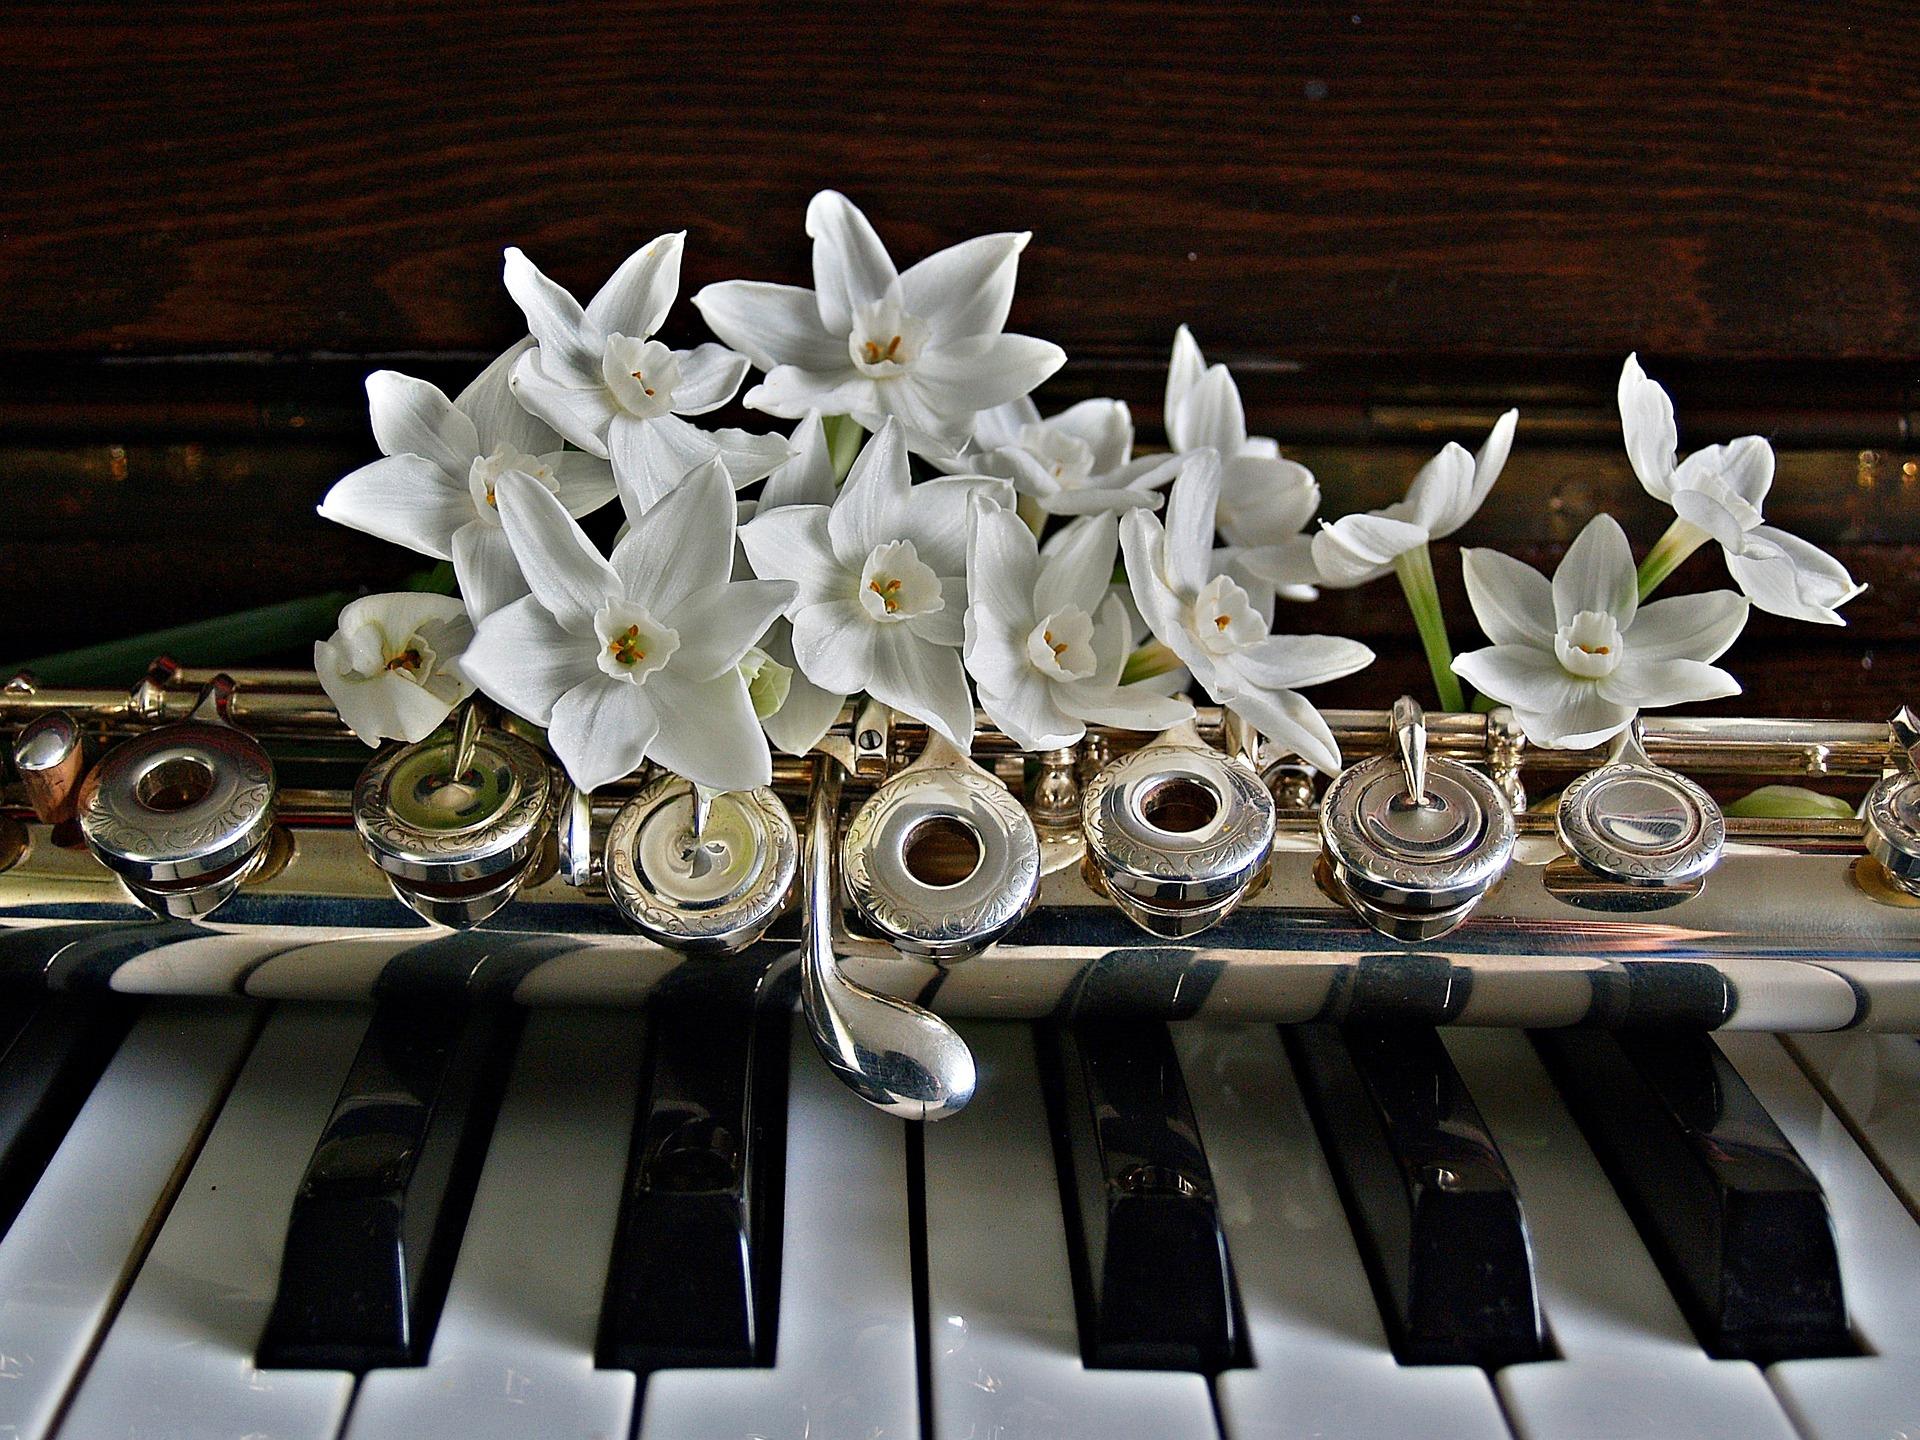 Музыка и романтика: москвичей пригласили на концерт классической музыки